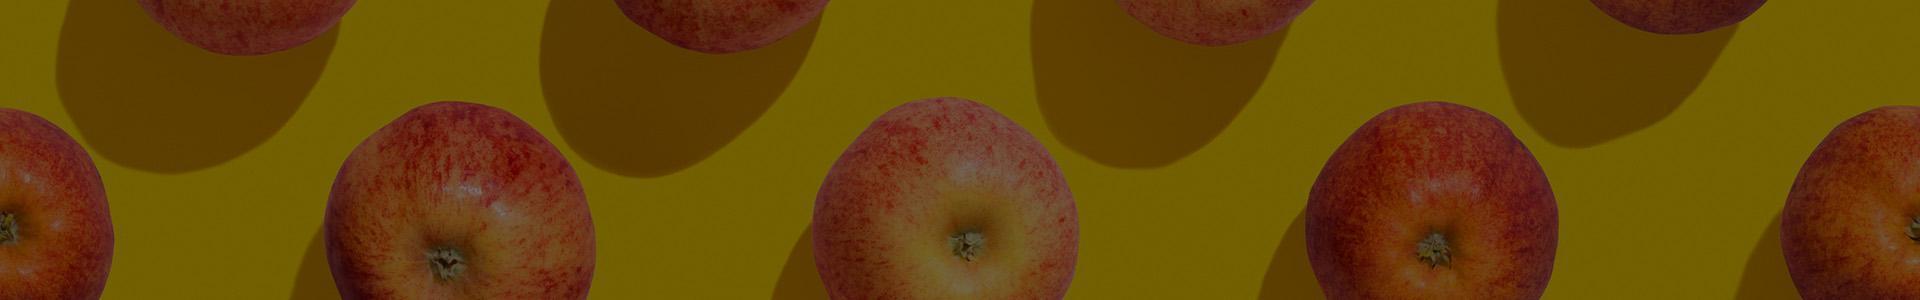 Jabłka na żółtym tle